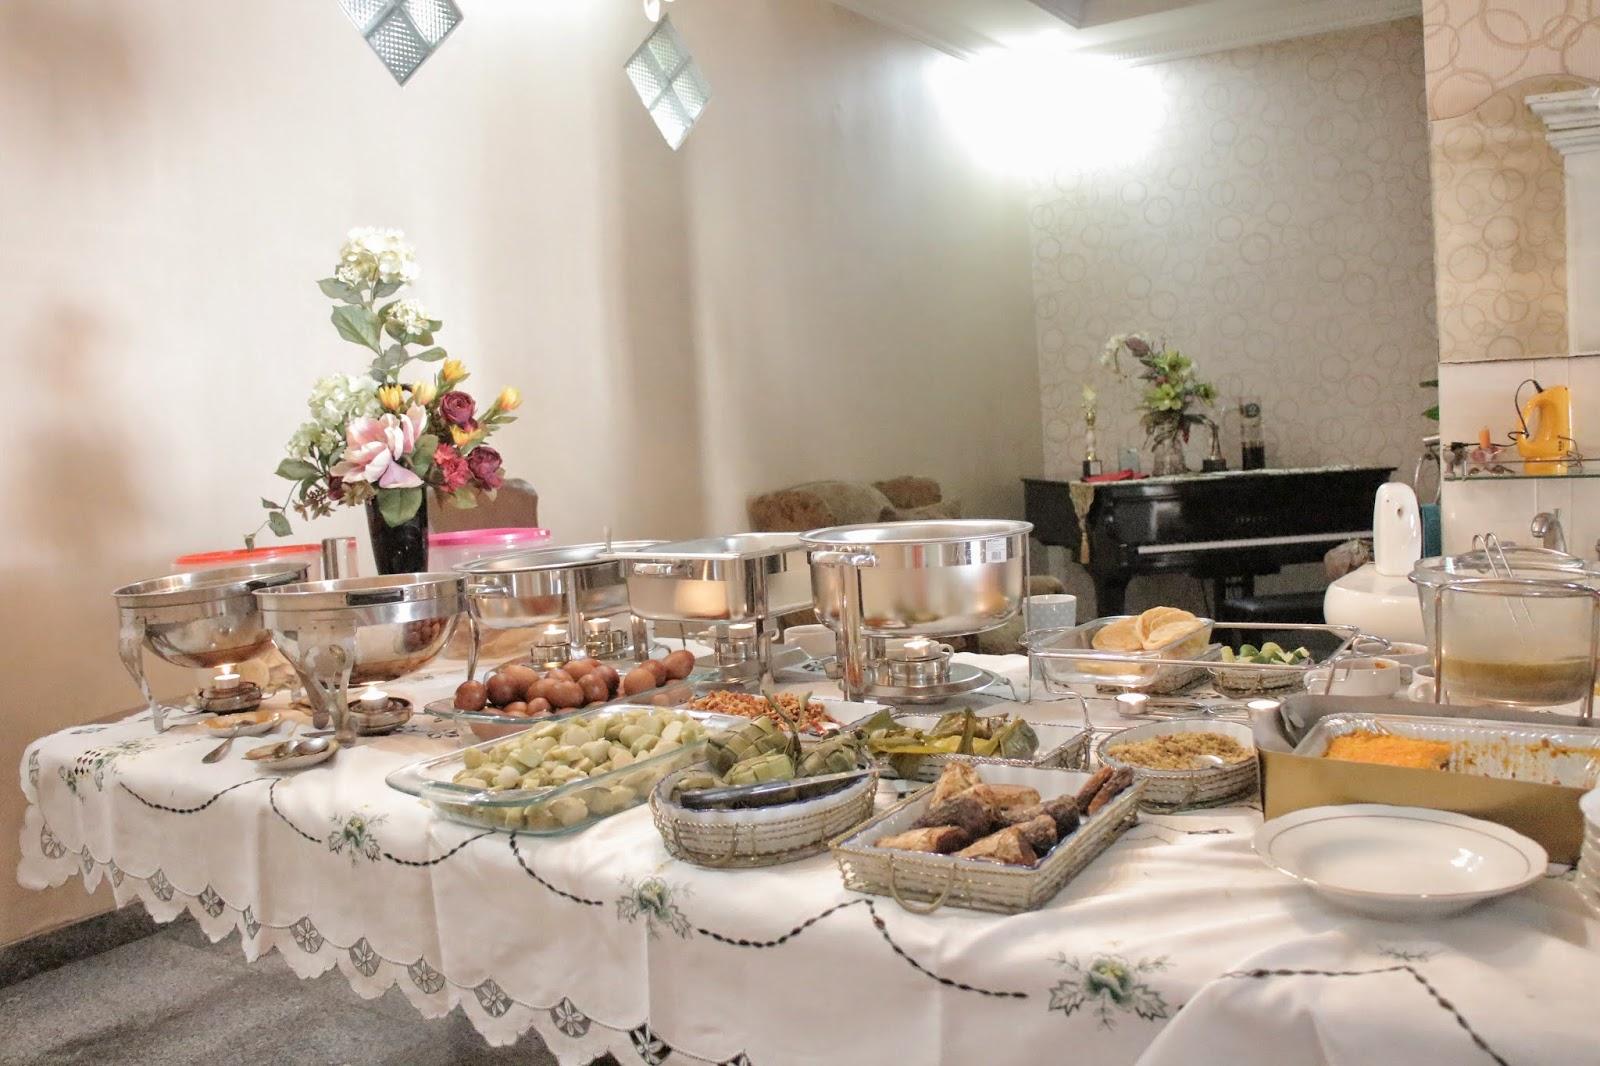 Cool Idul Fitri Eid Al-Fitr Decorations - IMG_4857  Trends_81570 .JPG